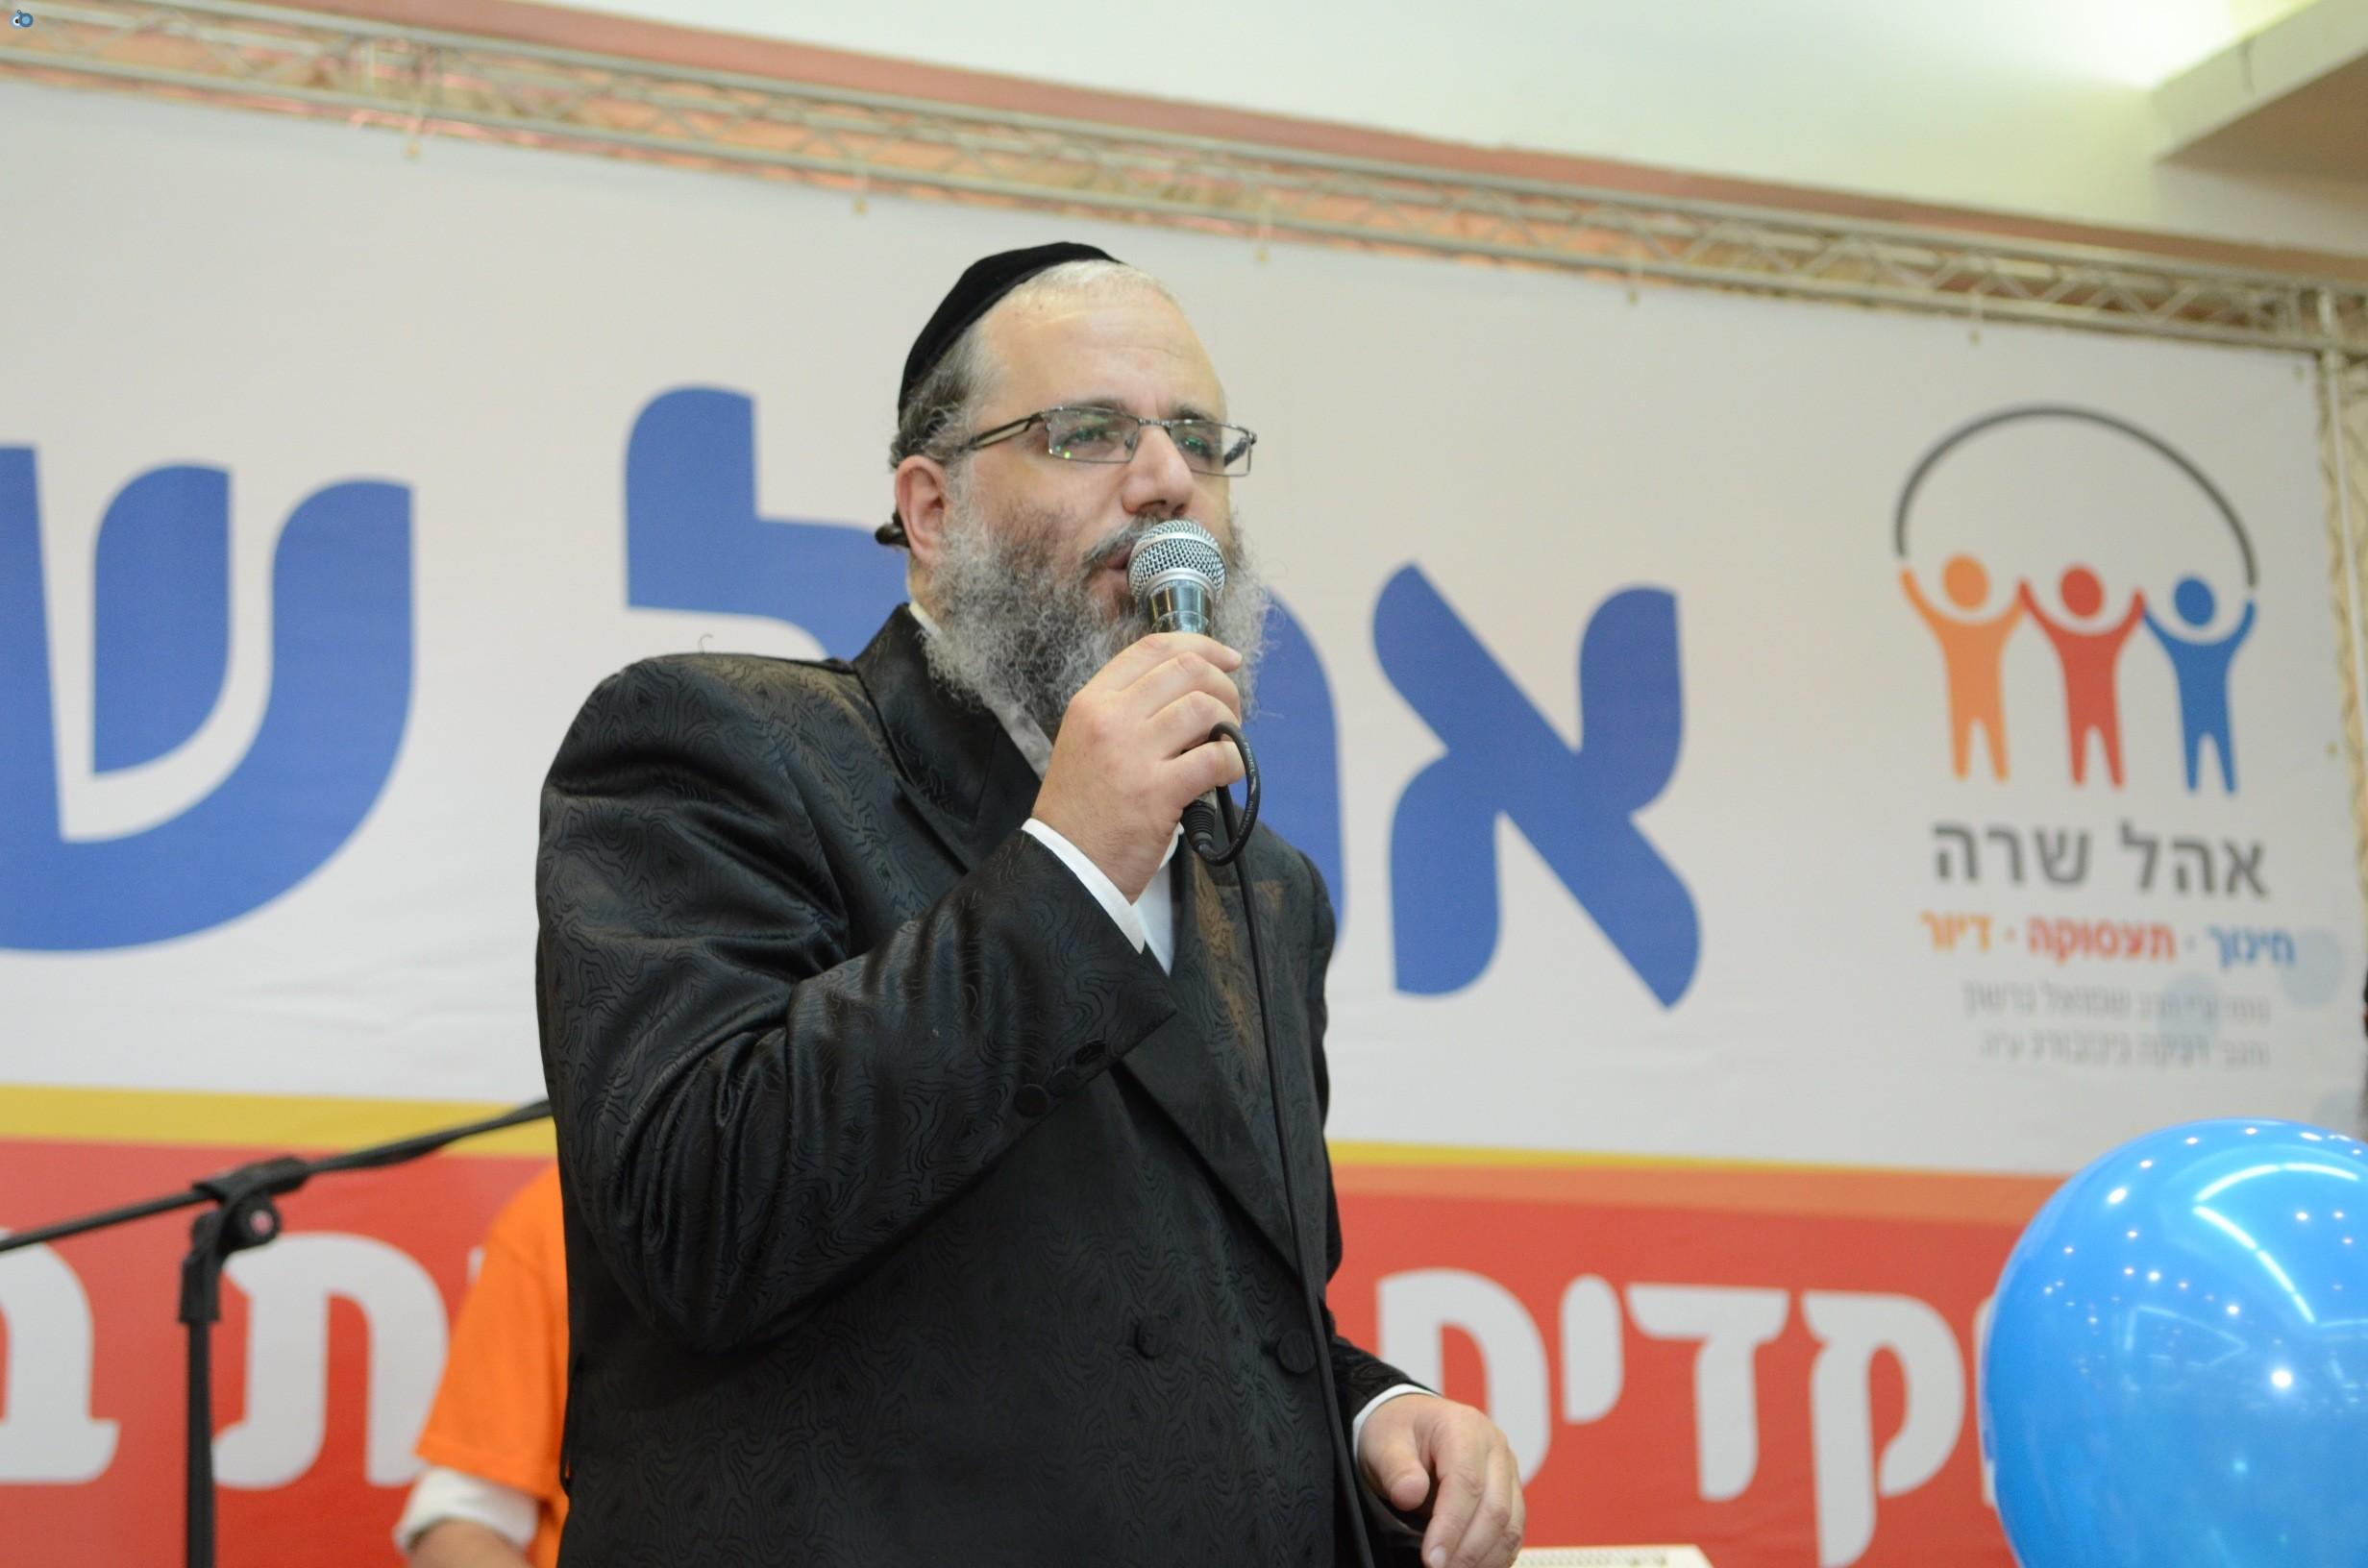 שמחת בית השואבה אהל שרה צילם משה גולדשטיין עם אישי ציבור וזמרים (27)